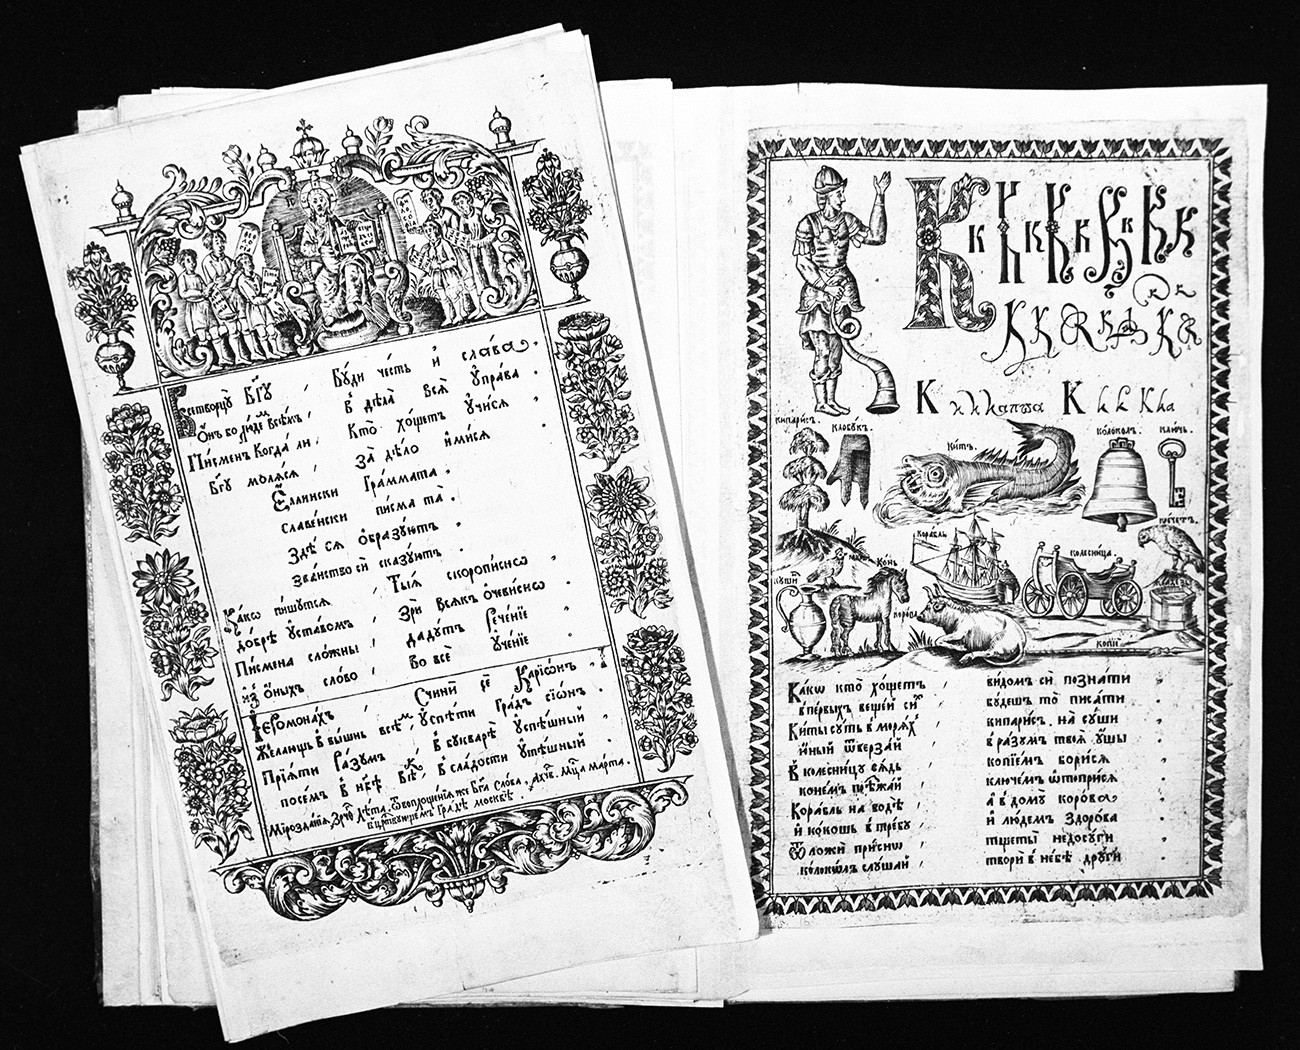 カリオン・イストミンによって書かれたアルファベットブック。モスクワで1694年に出版。